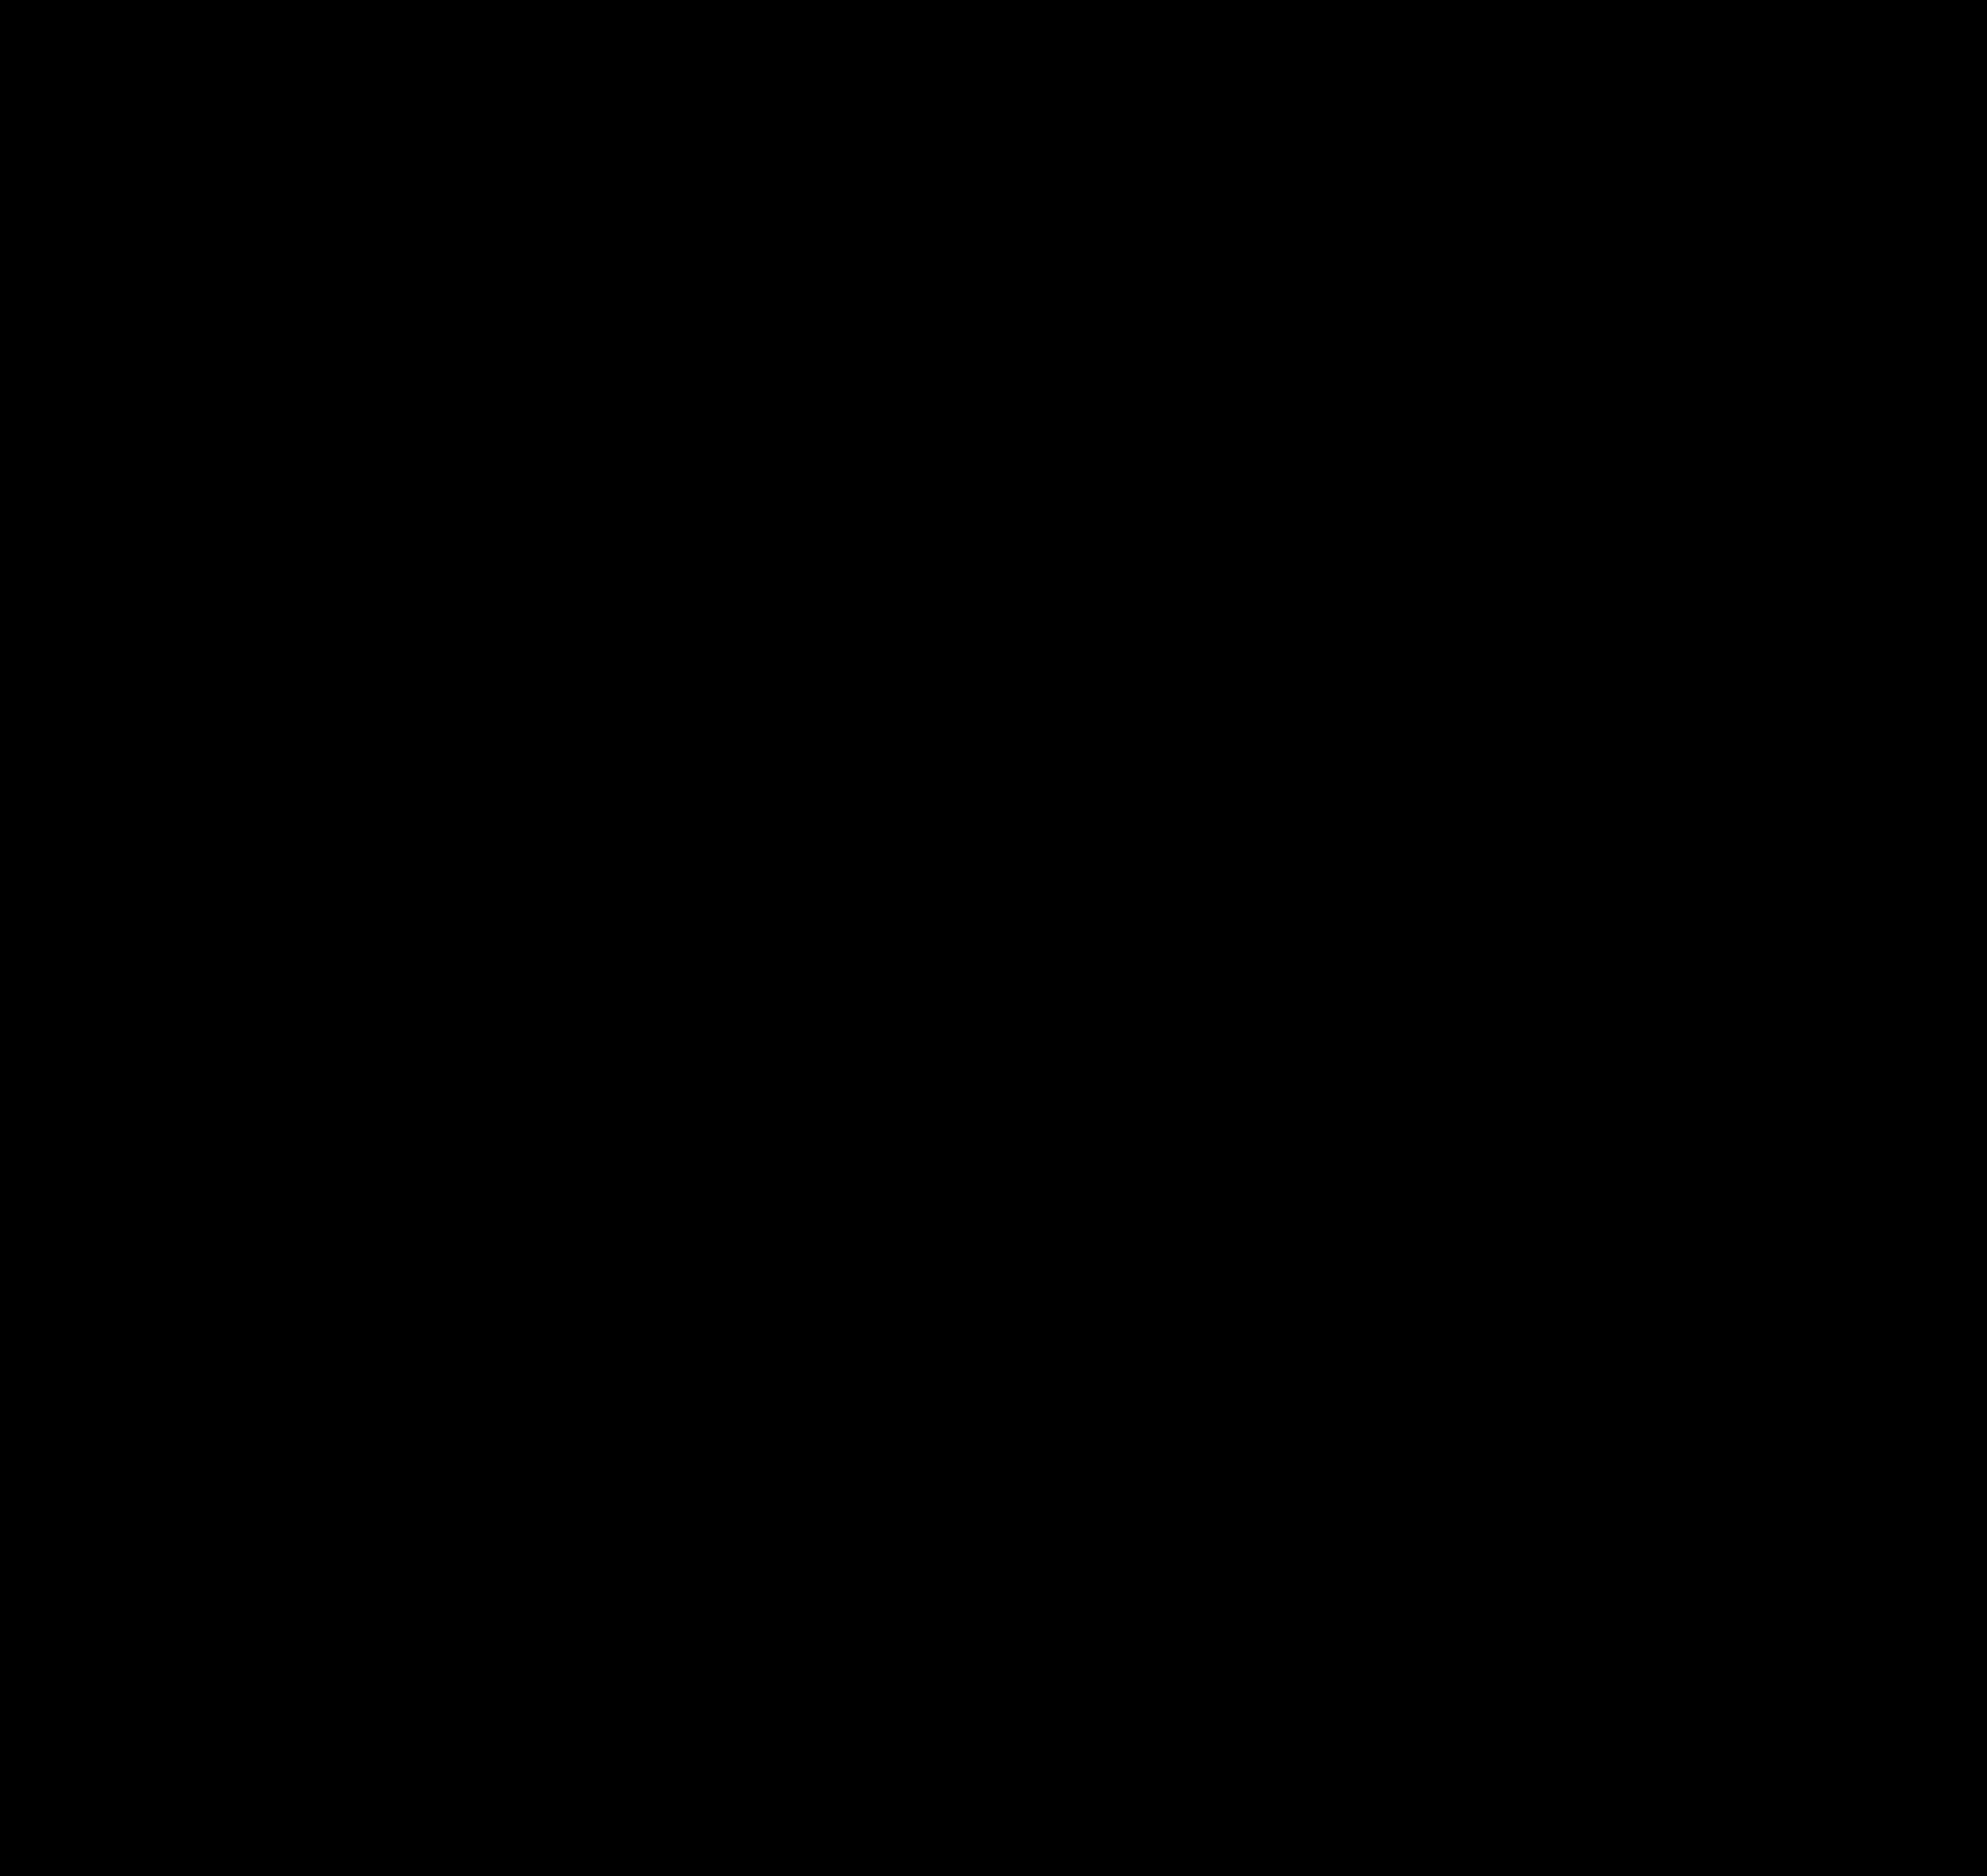 Logo b-012.png